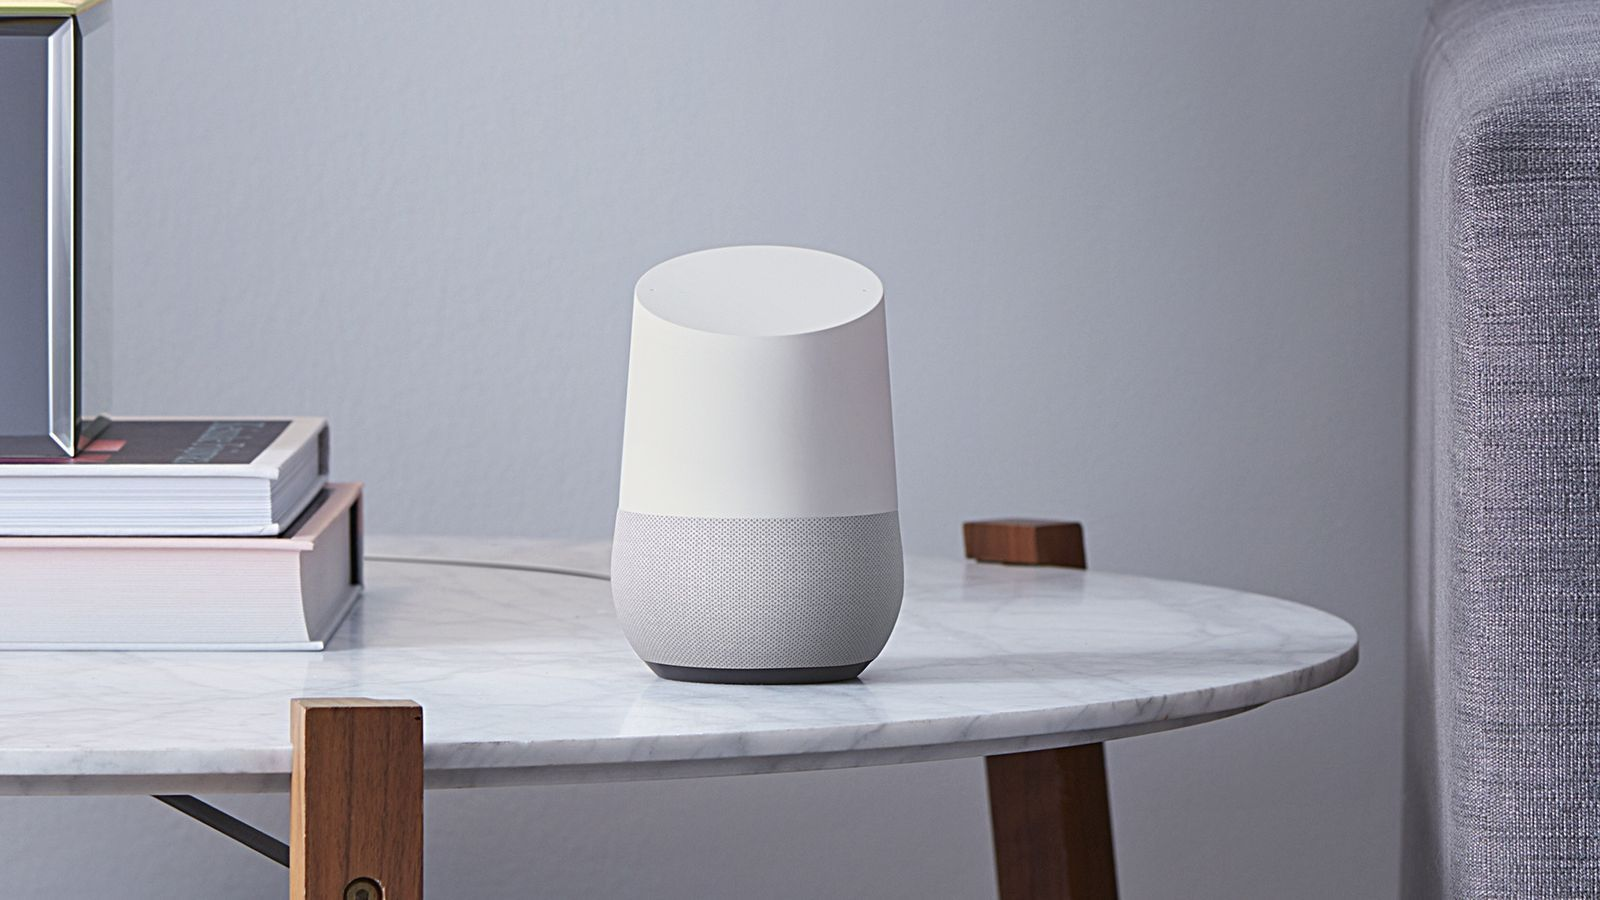 Google Assistant arrive sur d'autres smartphones